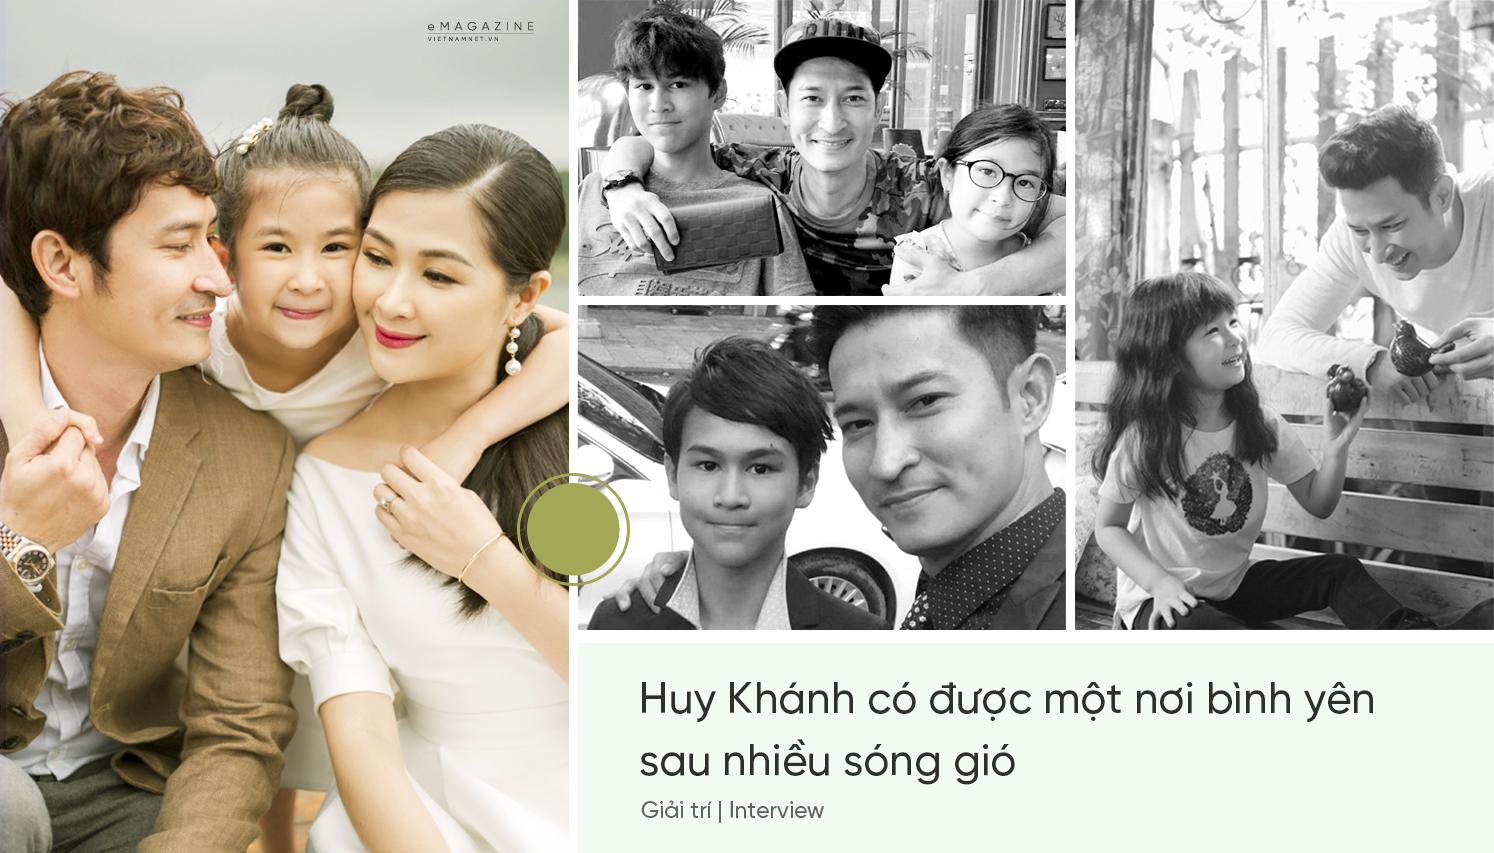 Huy Khánh,Mạc Anh Thư,Lương Hoàng Anh